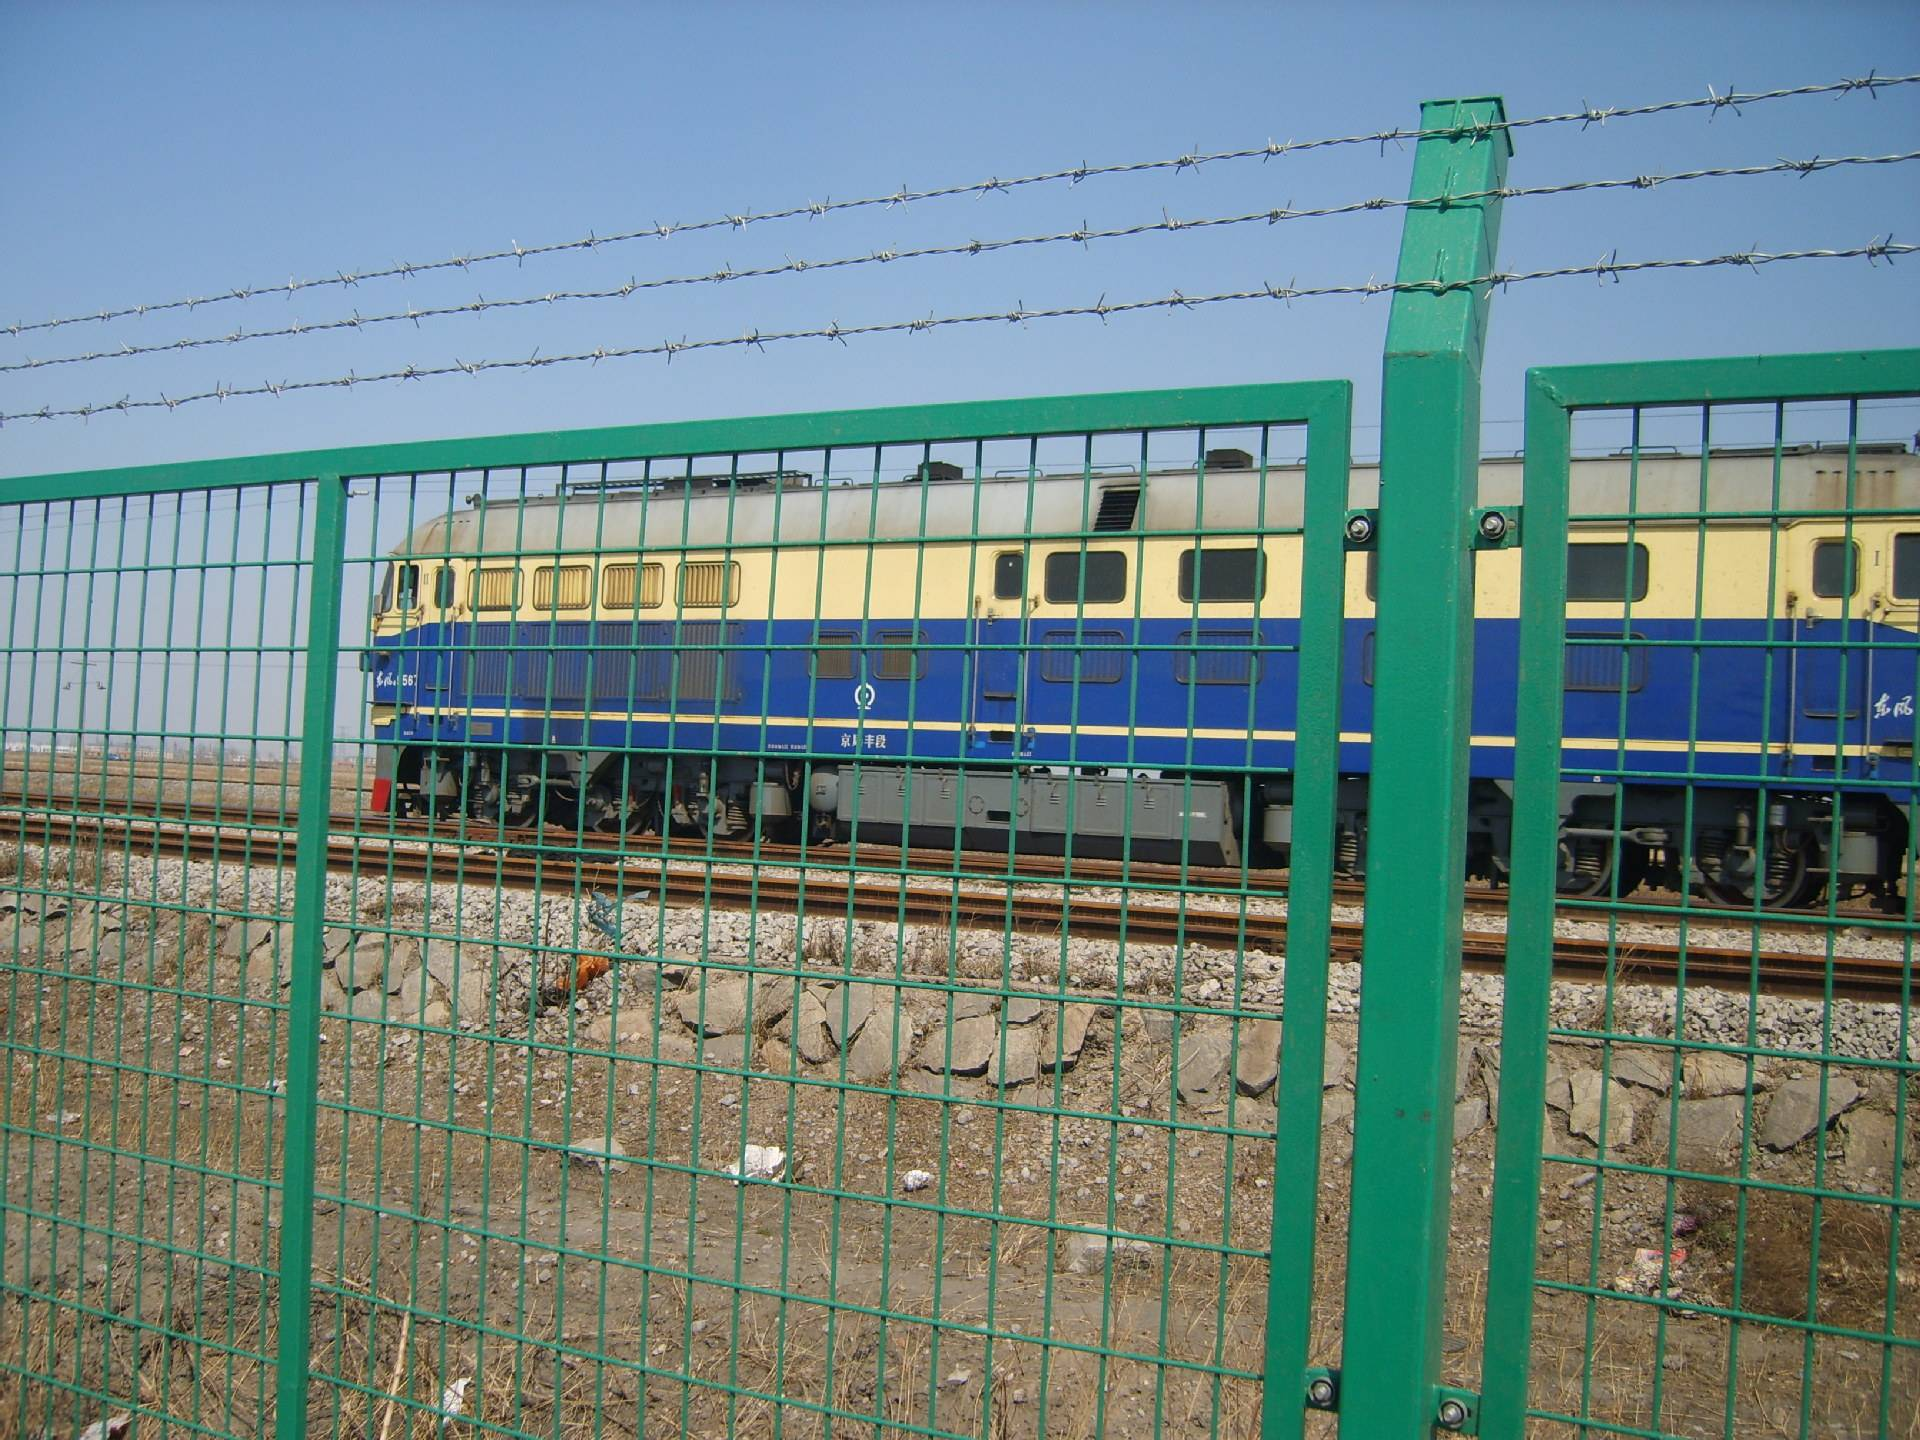 铁路护栏安全围网生产批发厂家